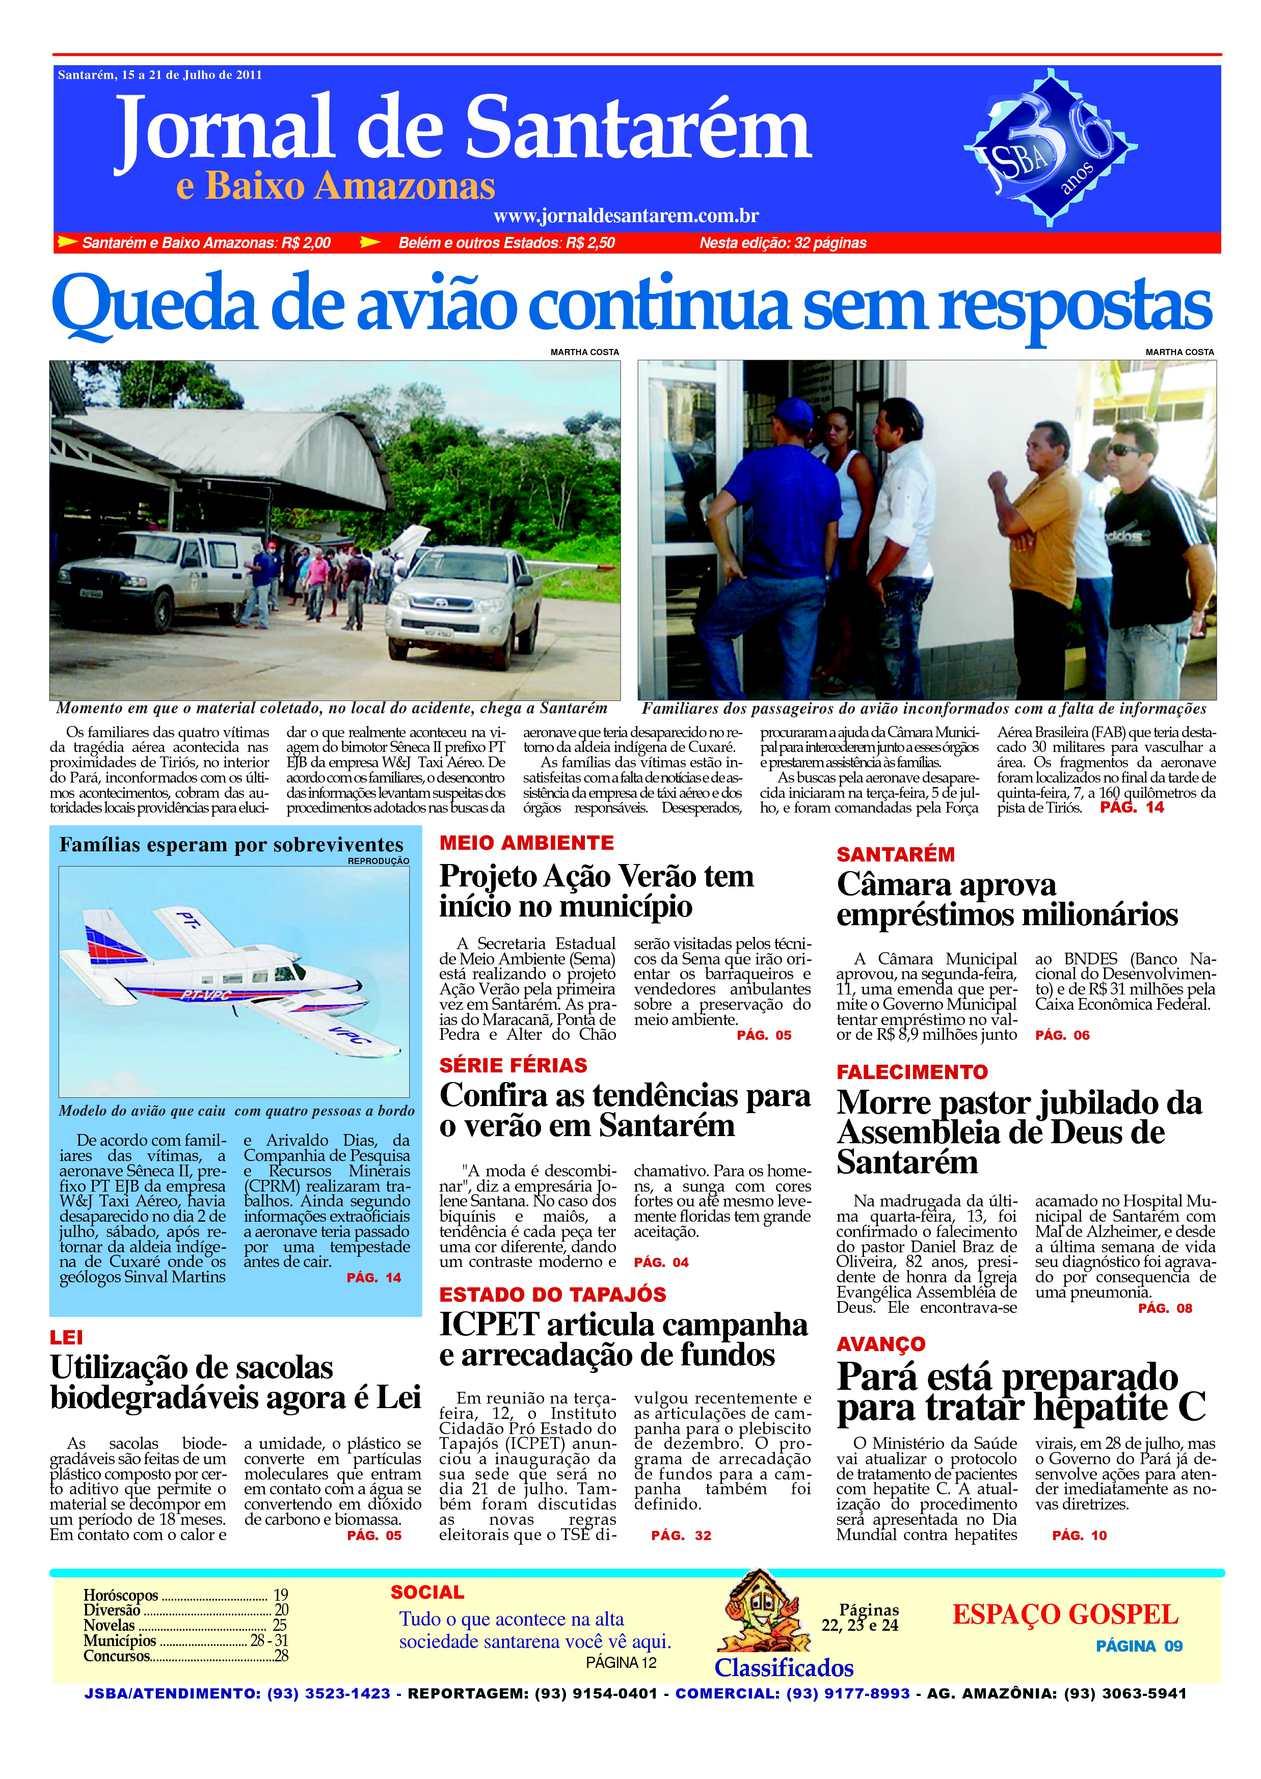 51a939db38 Calaméo - Jornal de Santarém de 15 a 21 de julho de 2011